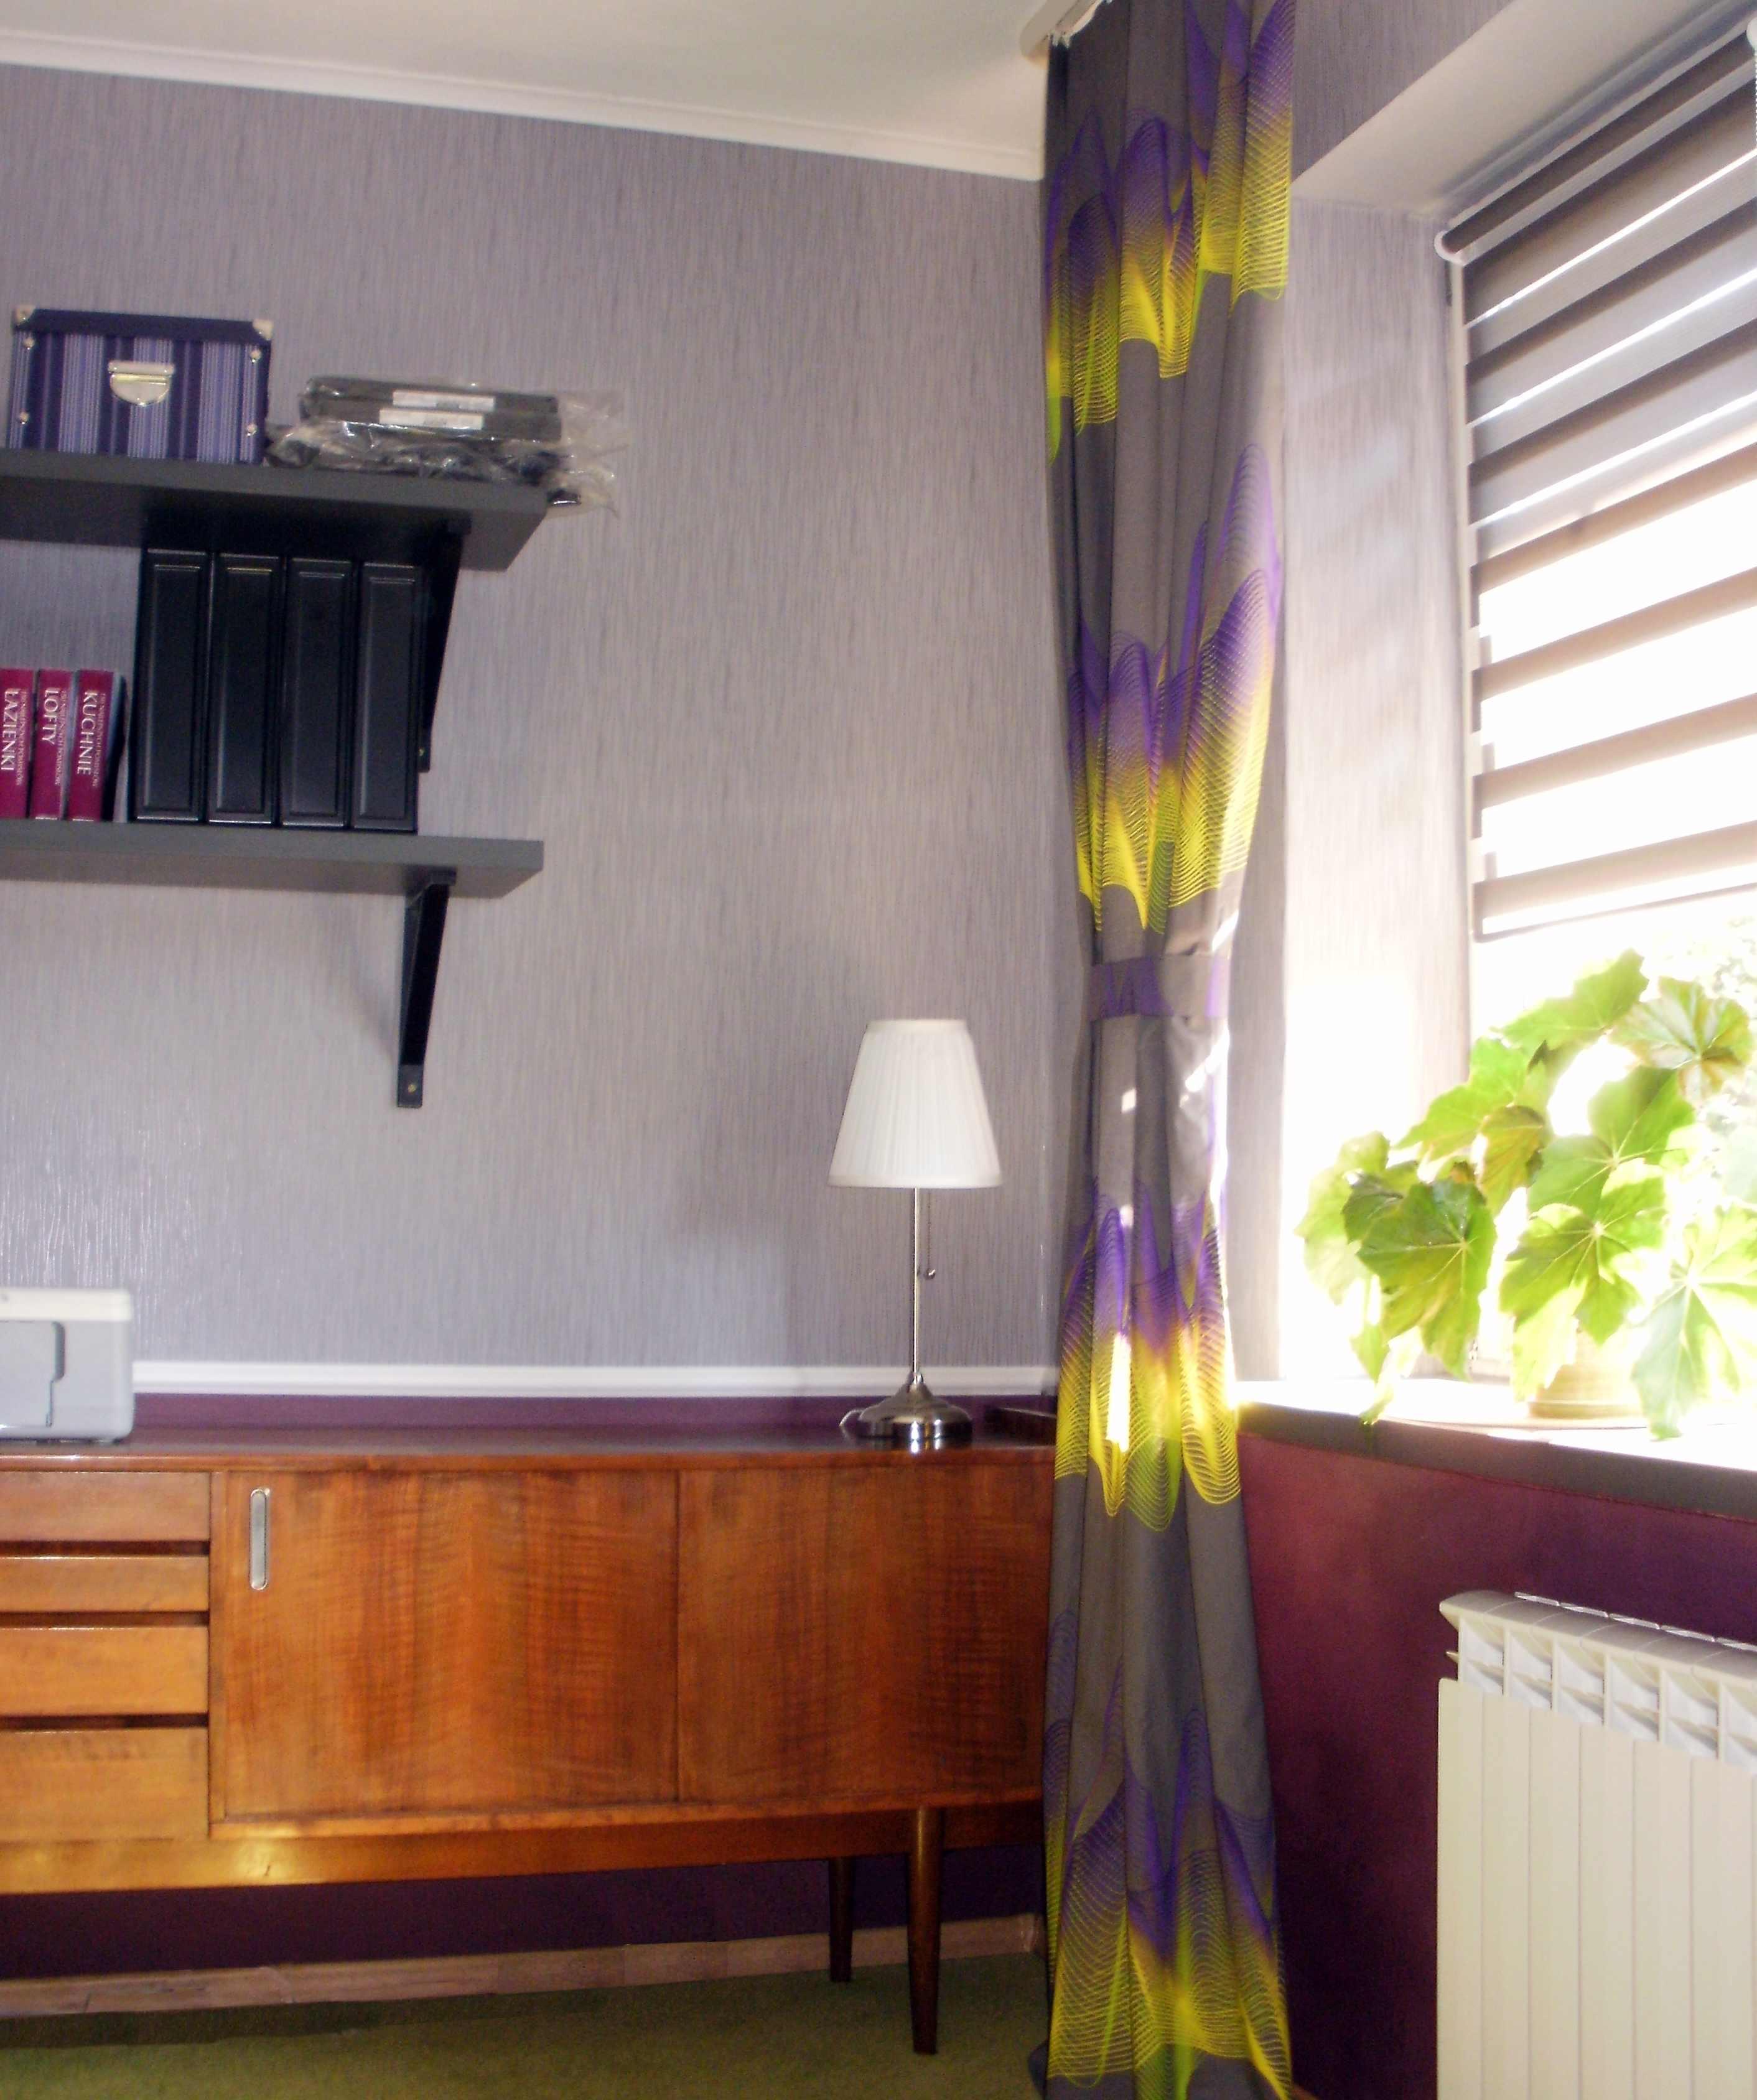 drewniana szafka retro-solidny mebel na tle przytulnych kolorów